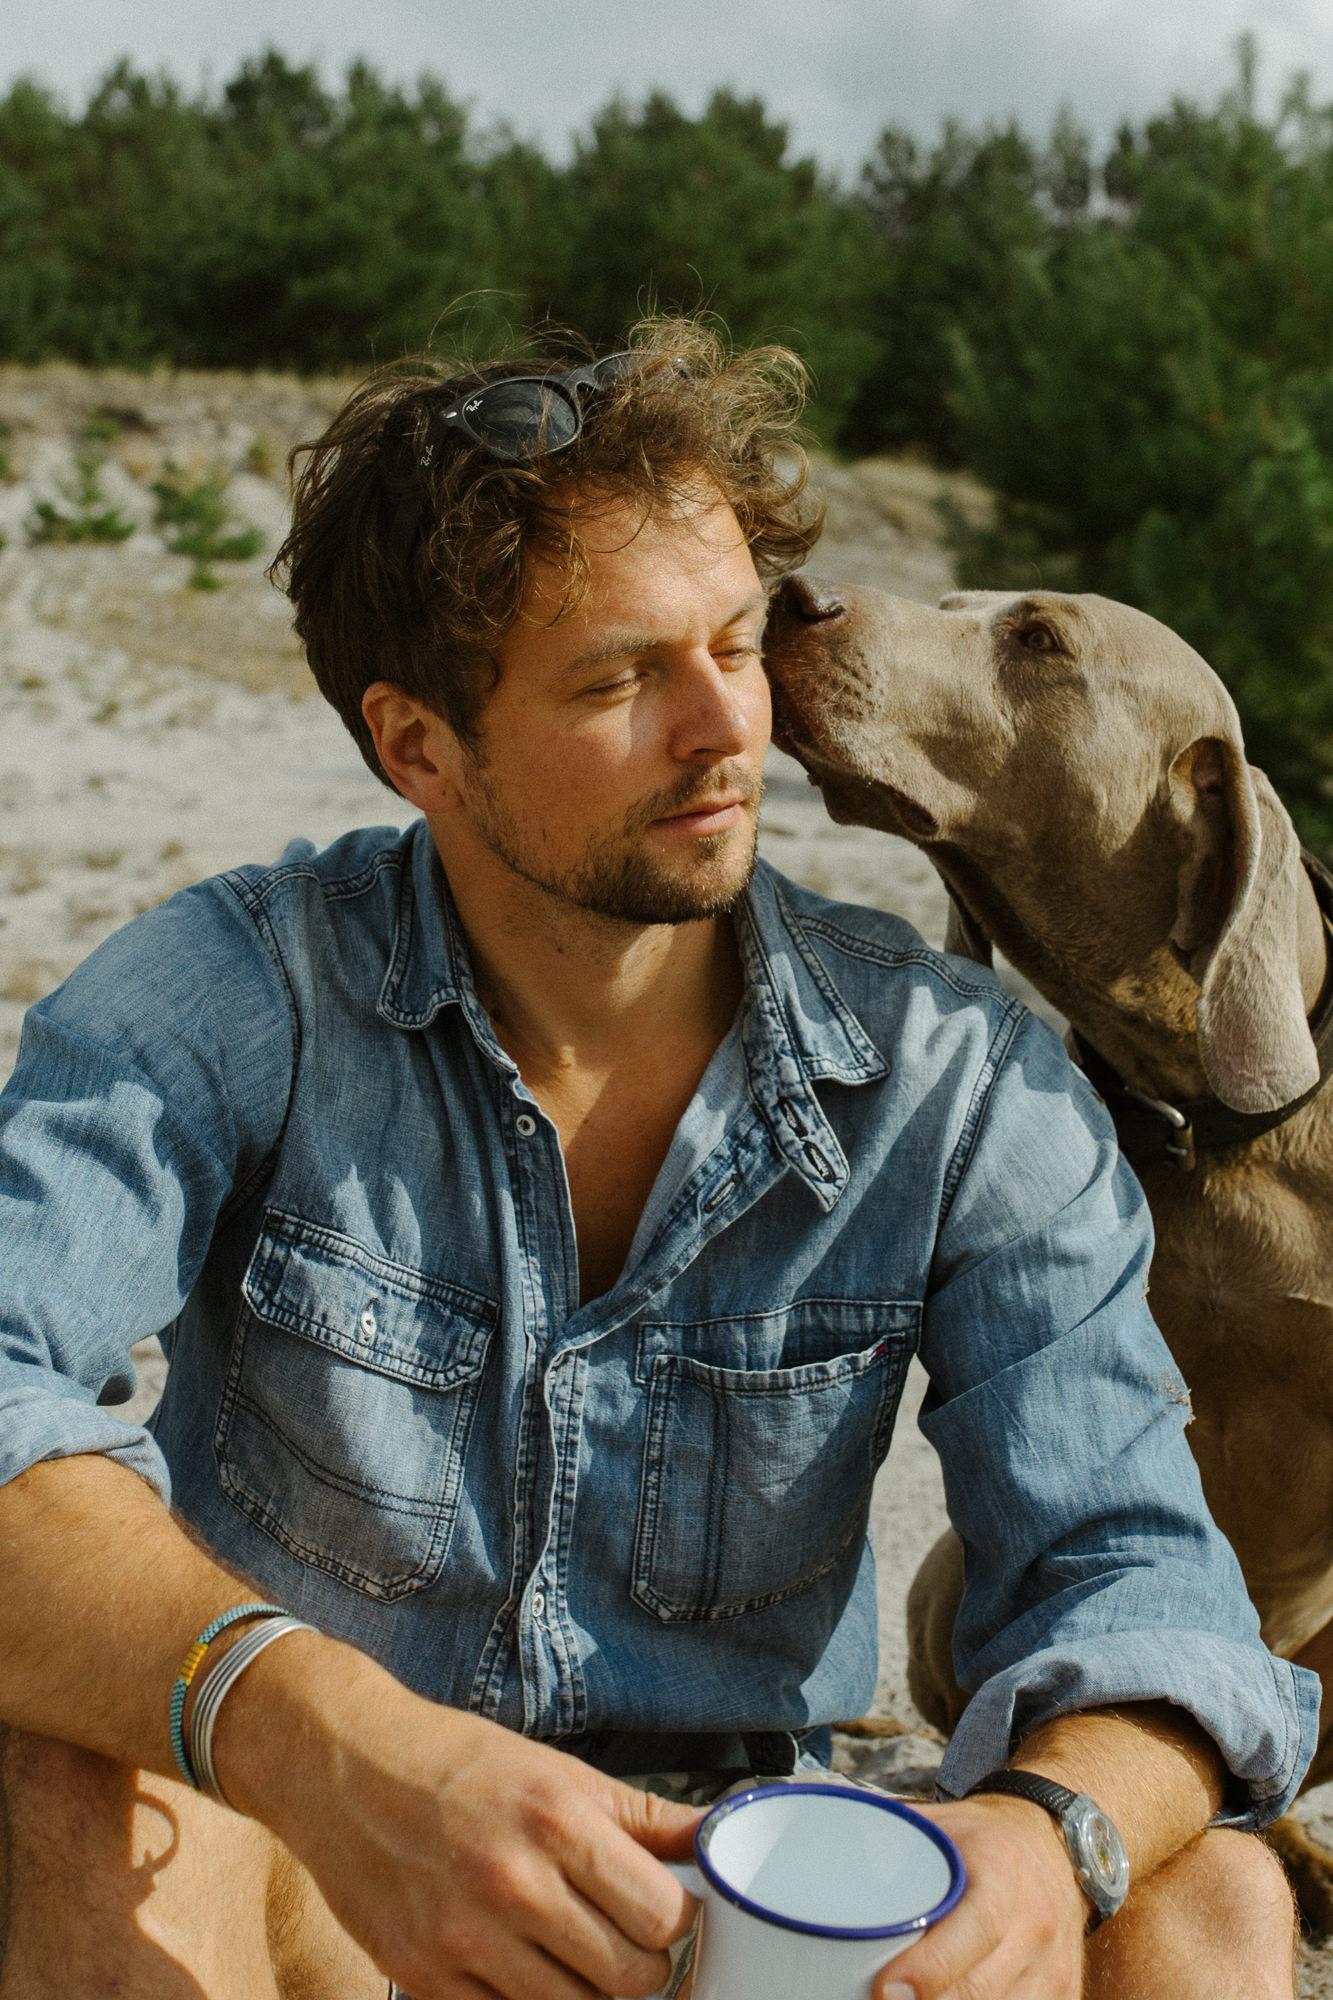 Schauspielerfoto Justus mit Hund